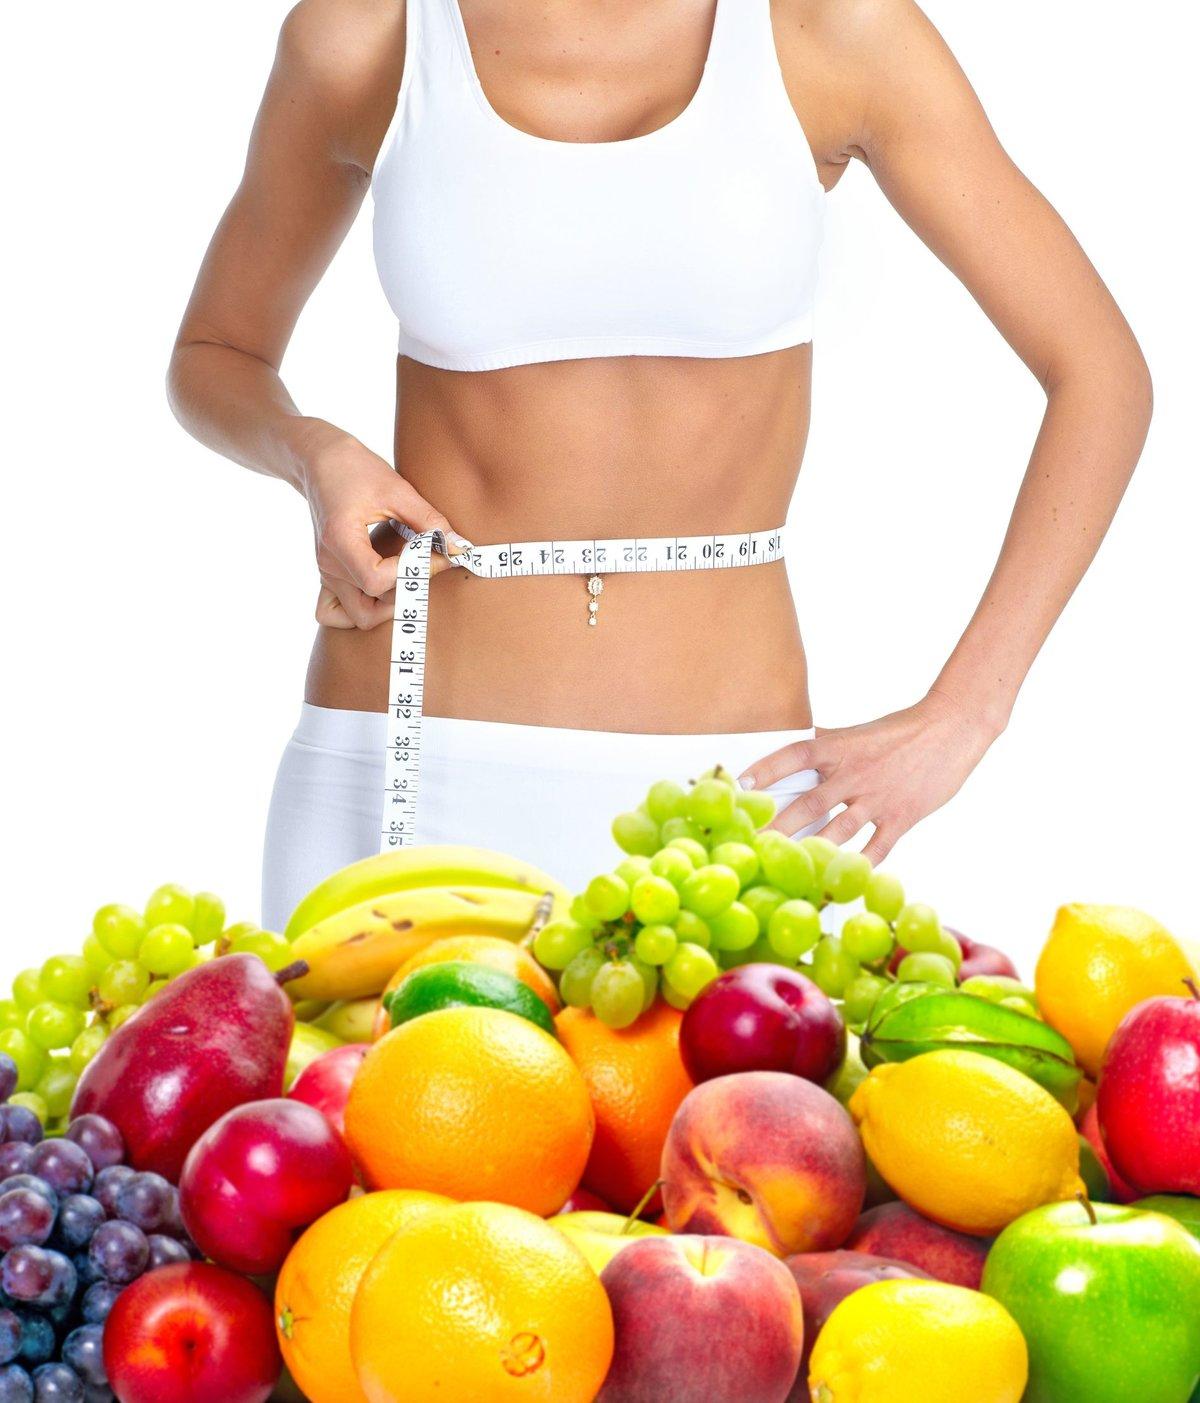 как похудеть диета и спорт